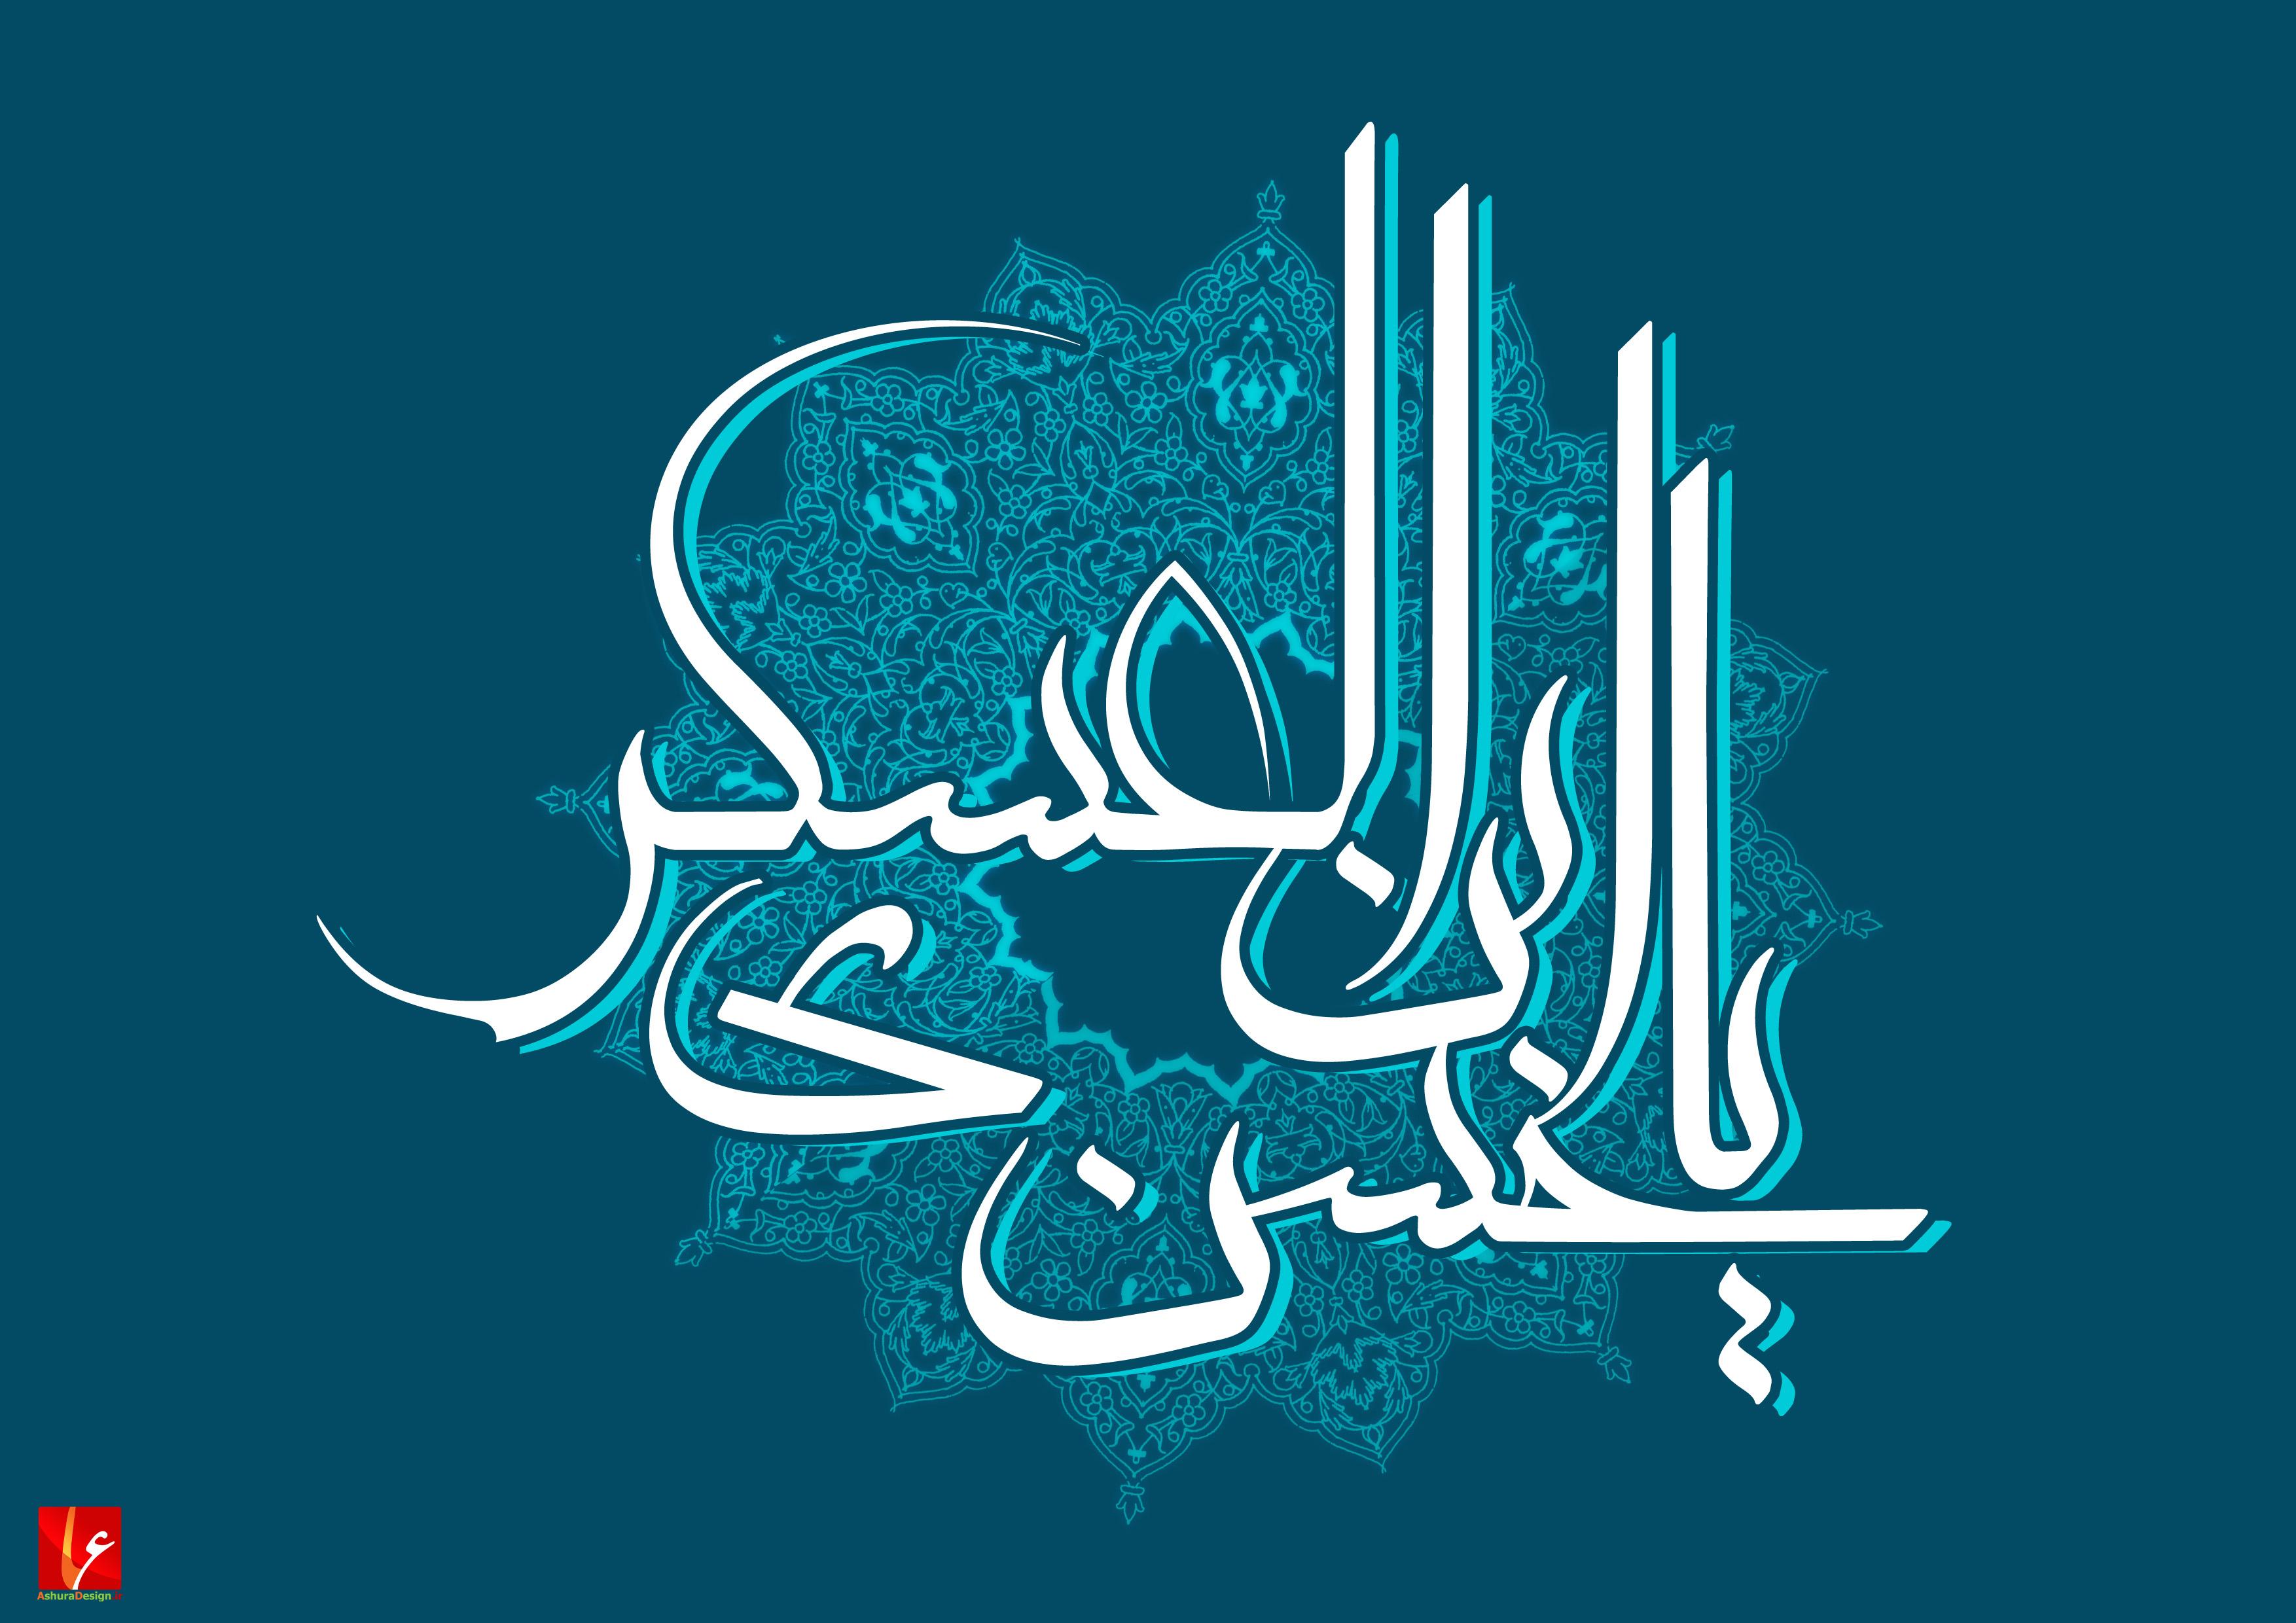 عکس ویژه ولادت امام حسن عسگری,زندگی نامه,حدیث,پیامک